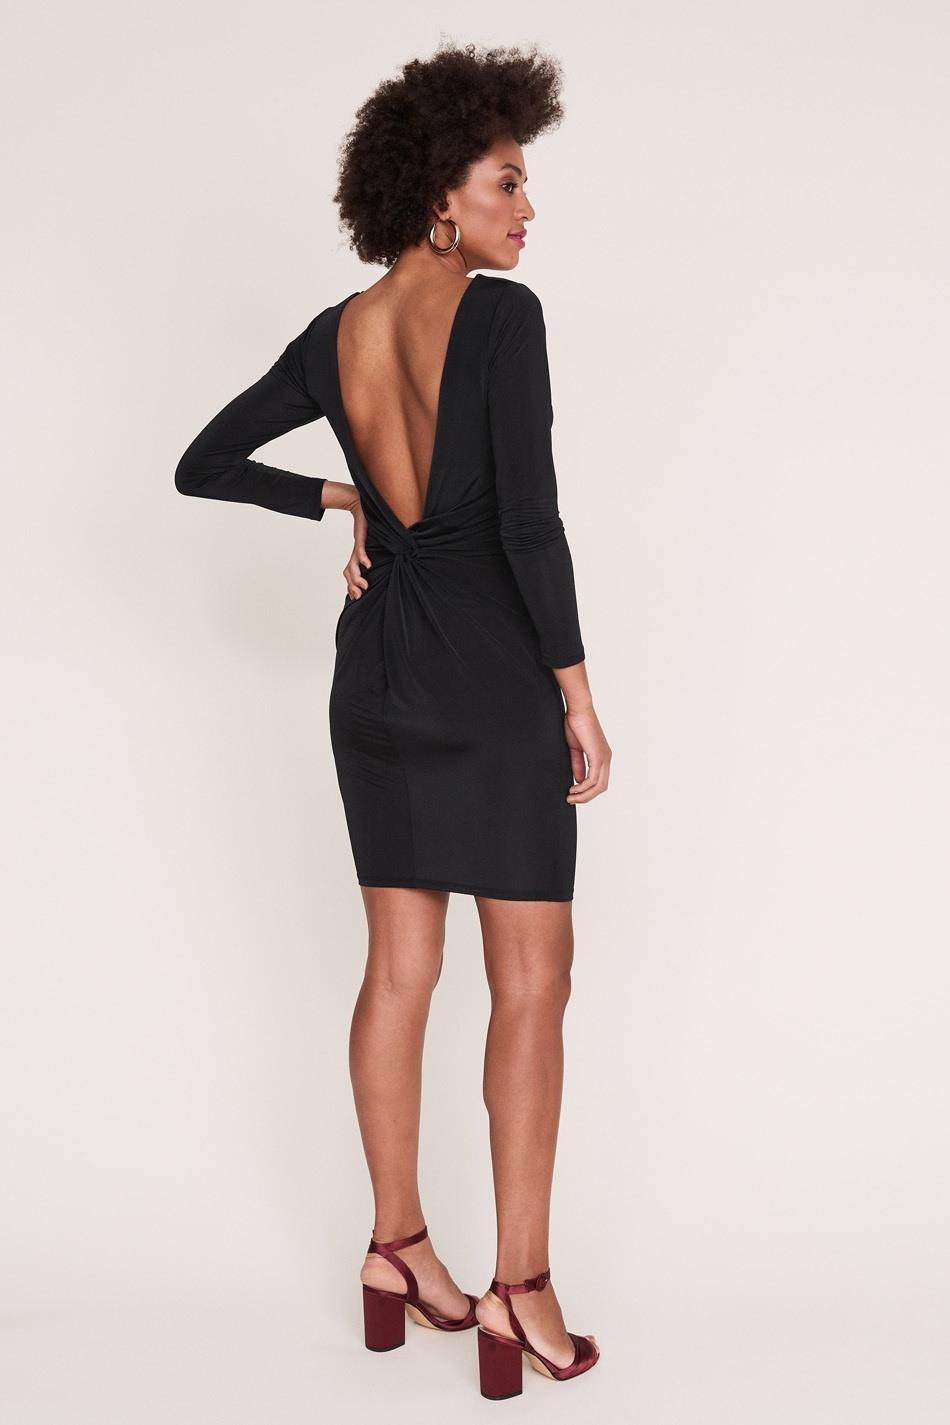 20 Top Rückenfreies Kleid Galerie13 Schön Rückenfreies Kleid Boutique